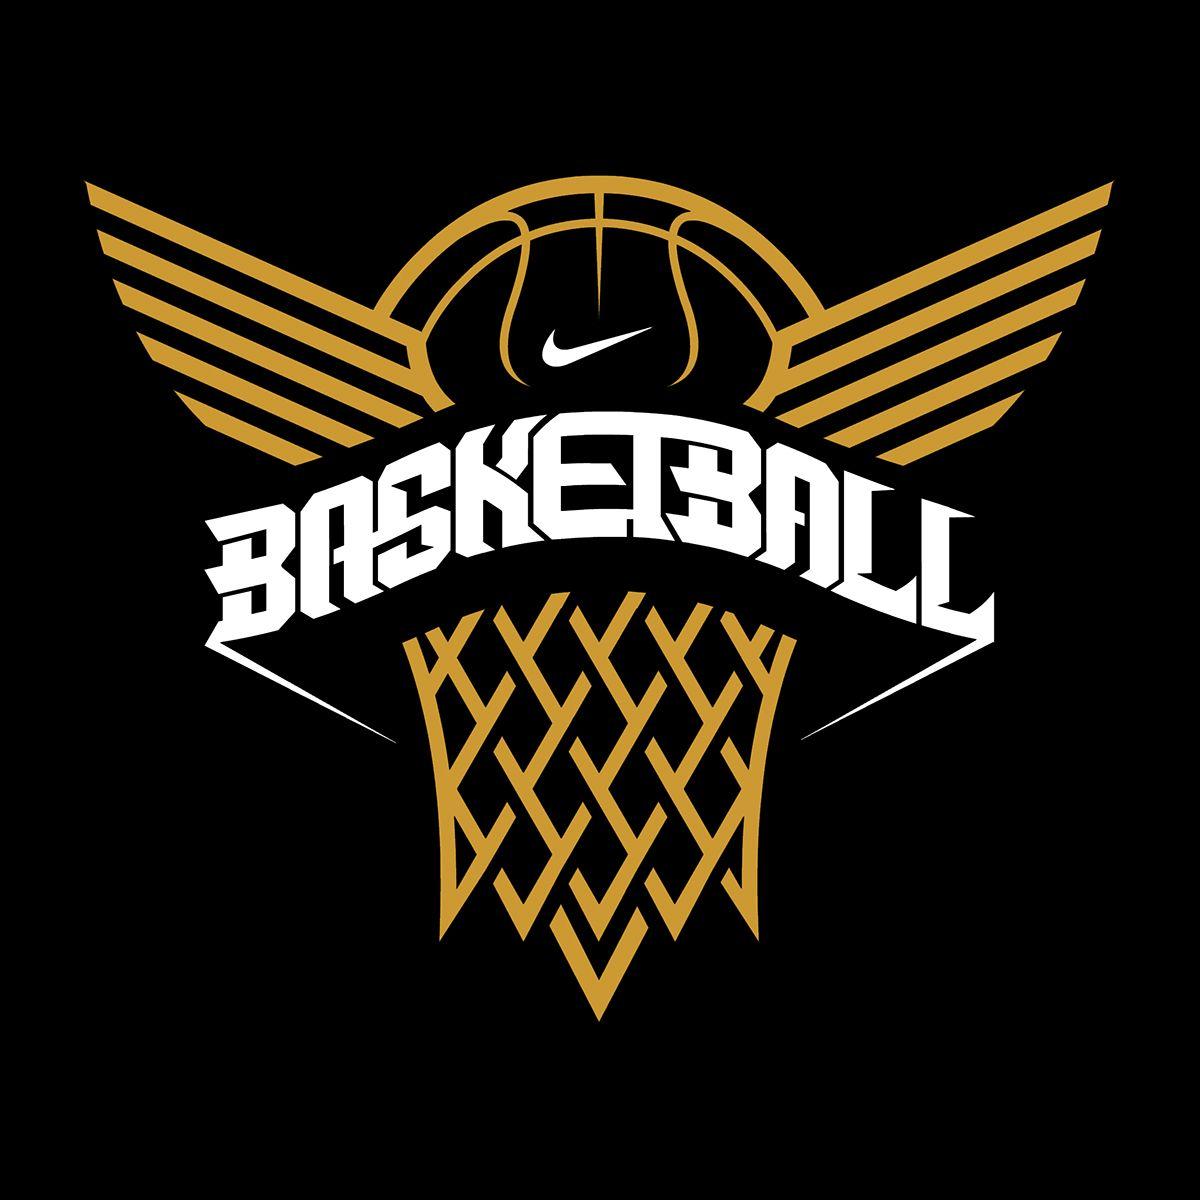 nike basketball on behance by nicolo nimor pinteres rh pinterest com basketball logo design free basketball logo design black and white